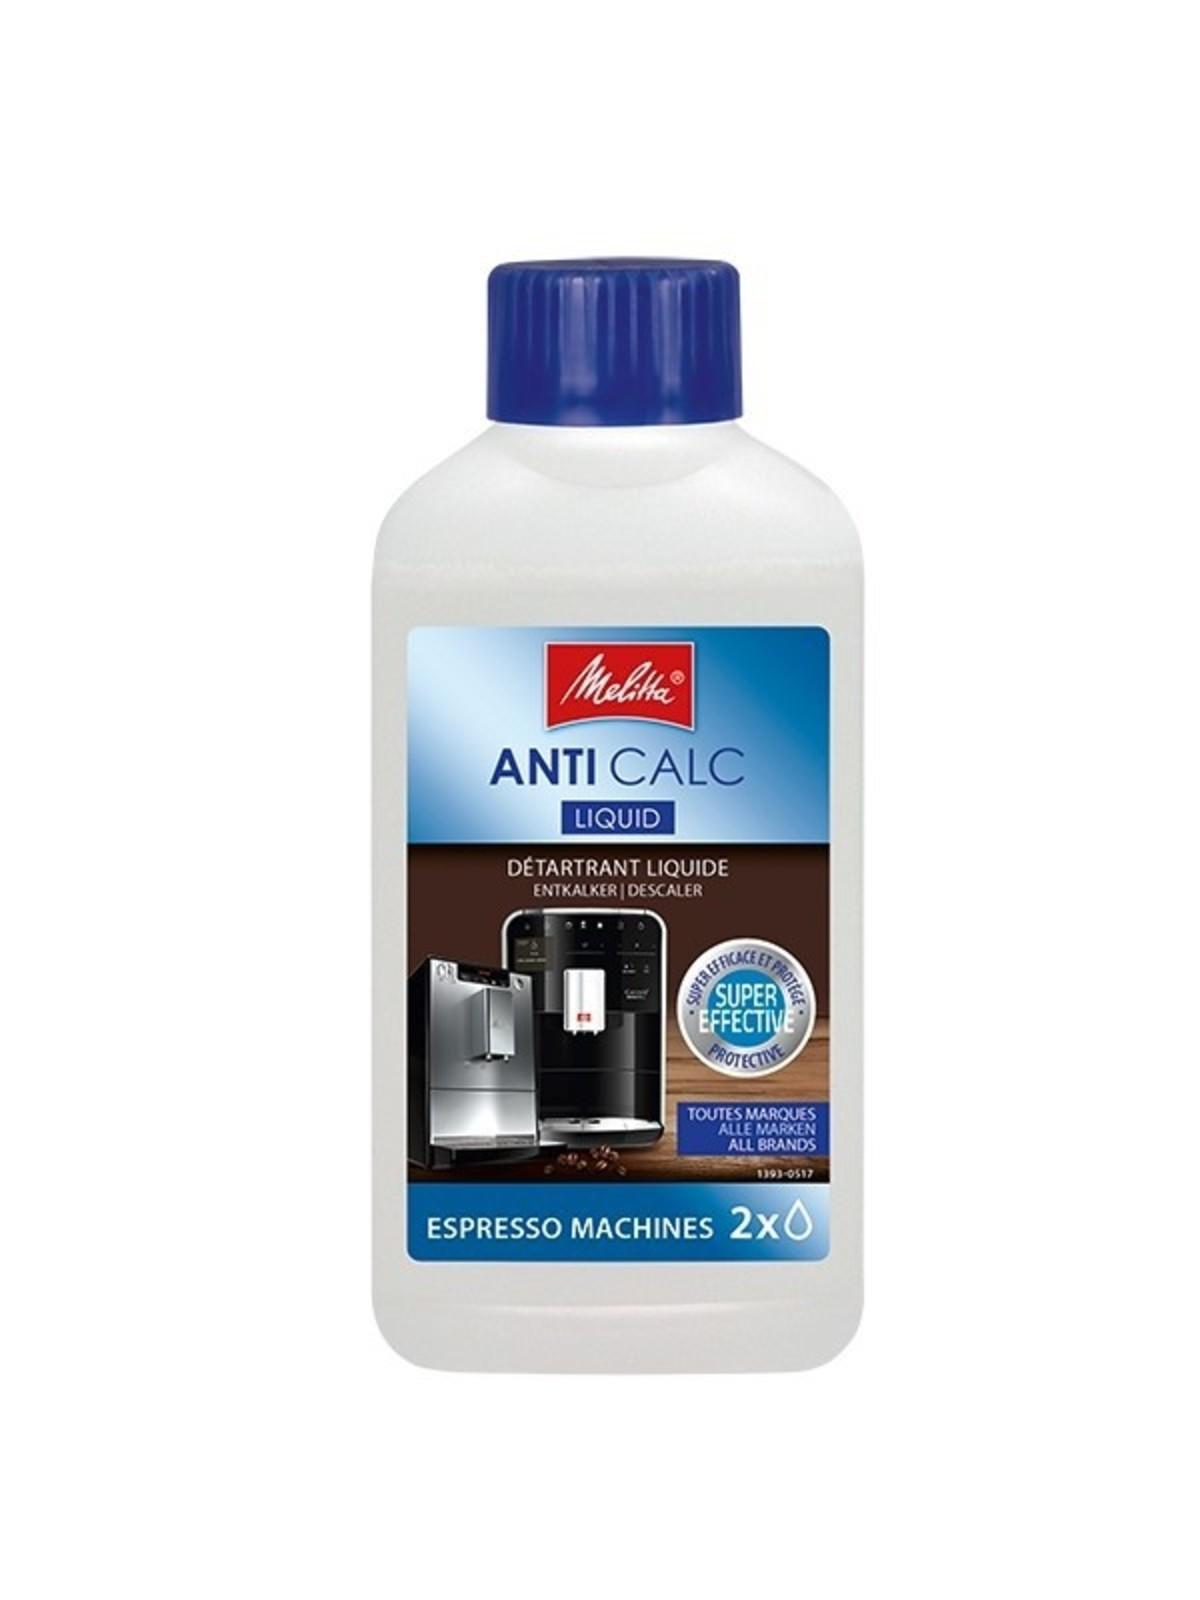 MELITTA AntiCalc Liquid for Espresso Machines (250ml)